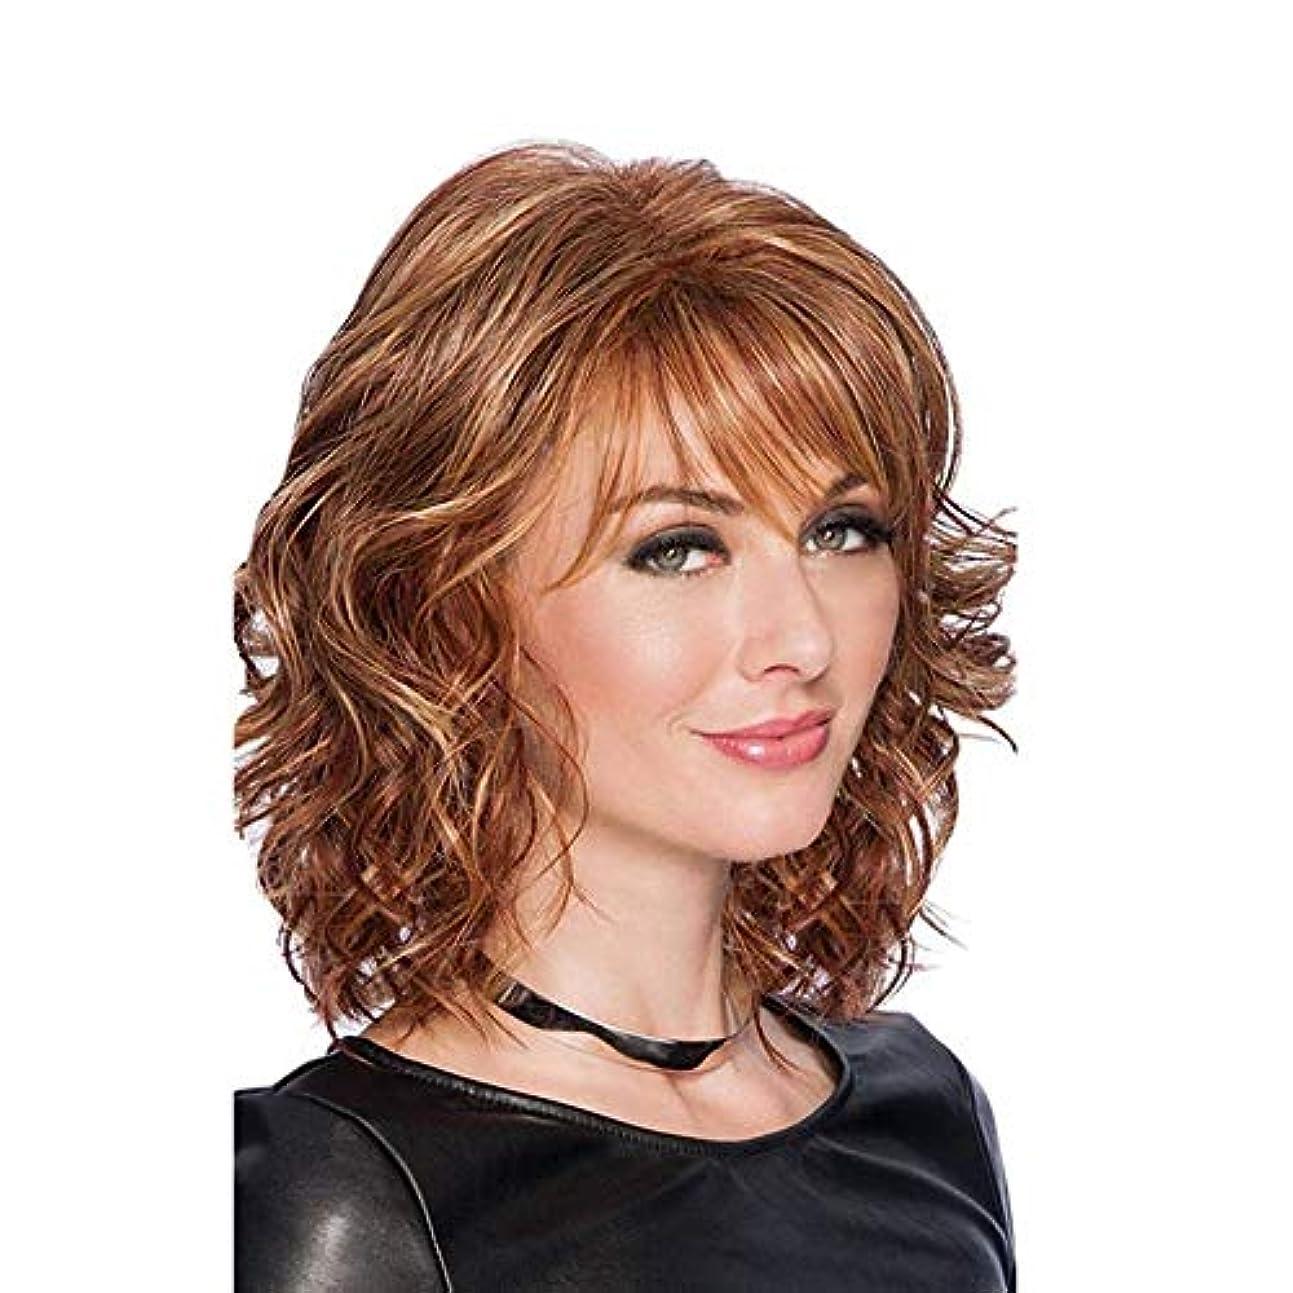 疑問を超えてフィードバックカップWASAIO 女性の髪のかつらブラウンショートカーリーヘアーフルウィッグ (色 : ブラウン)